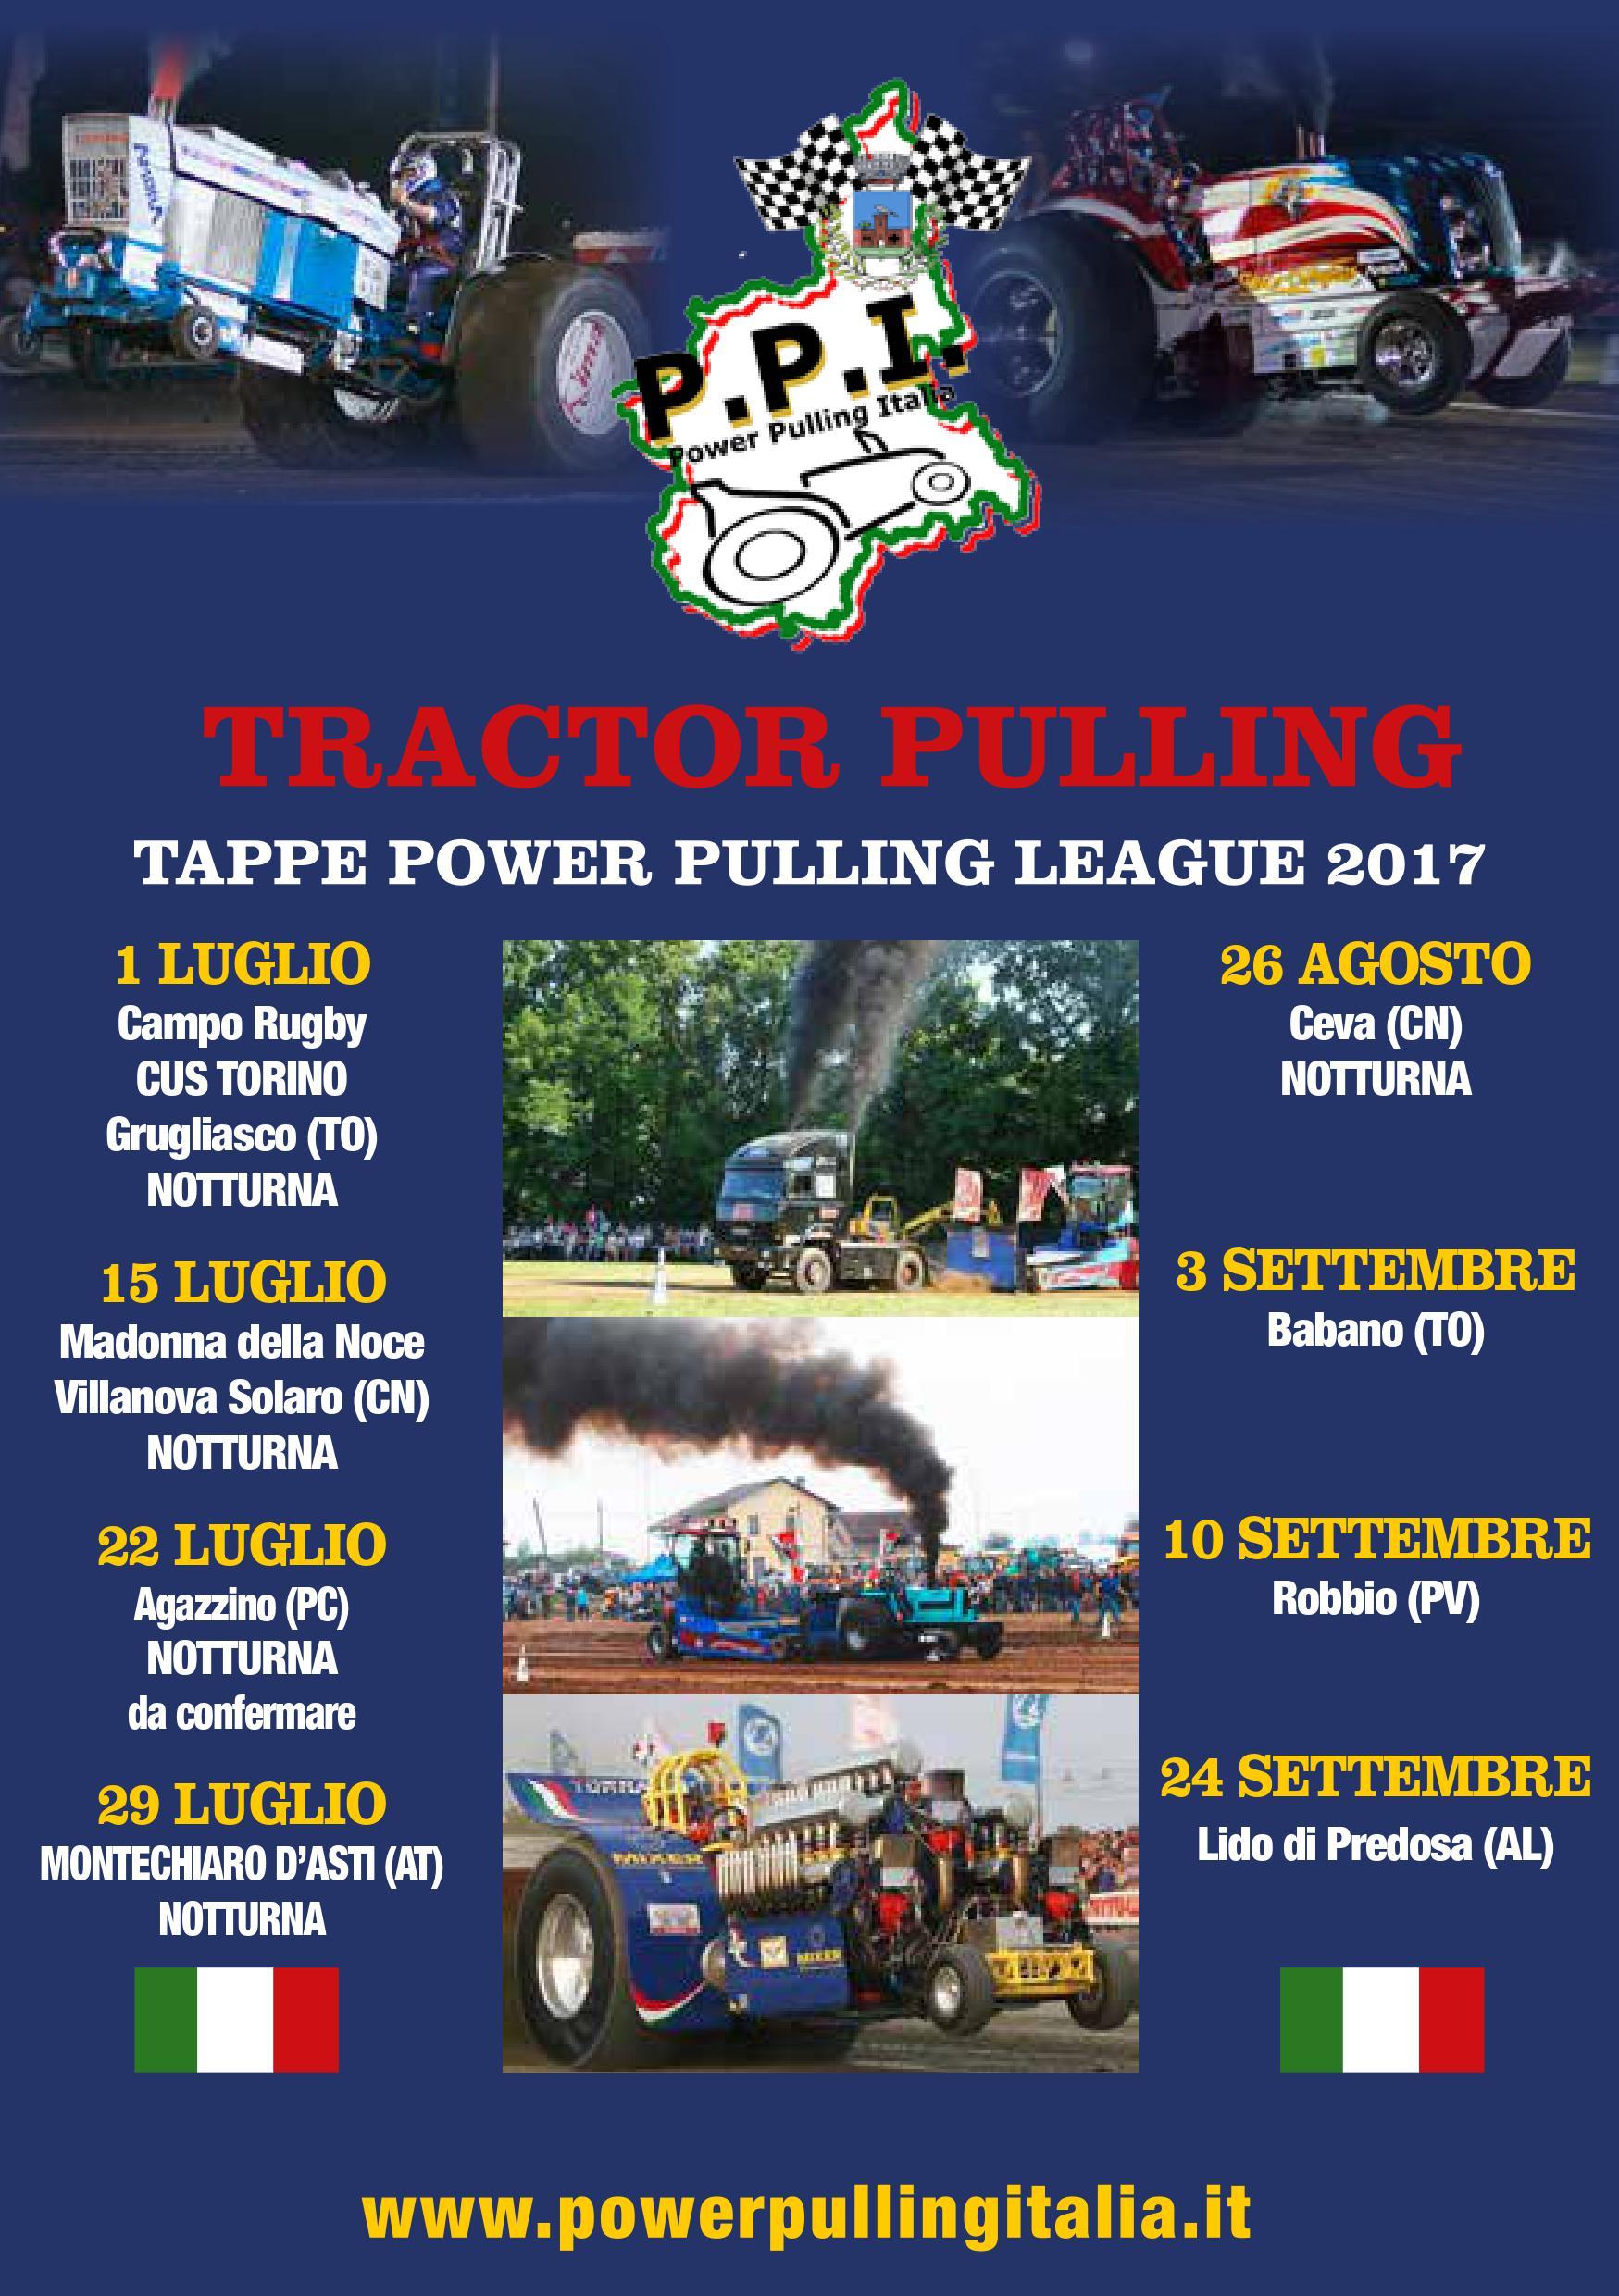 Tractor Pulling 2020 Italia Calendario.Home Page